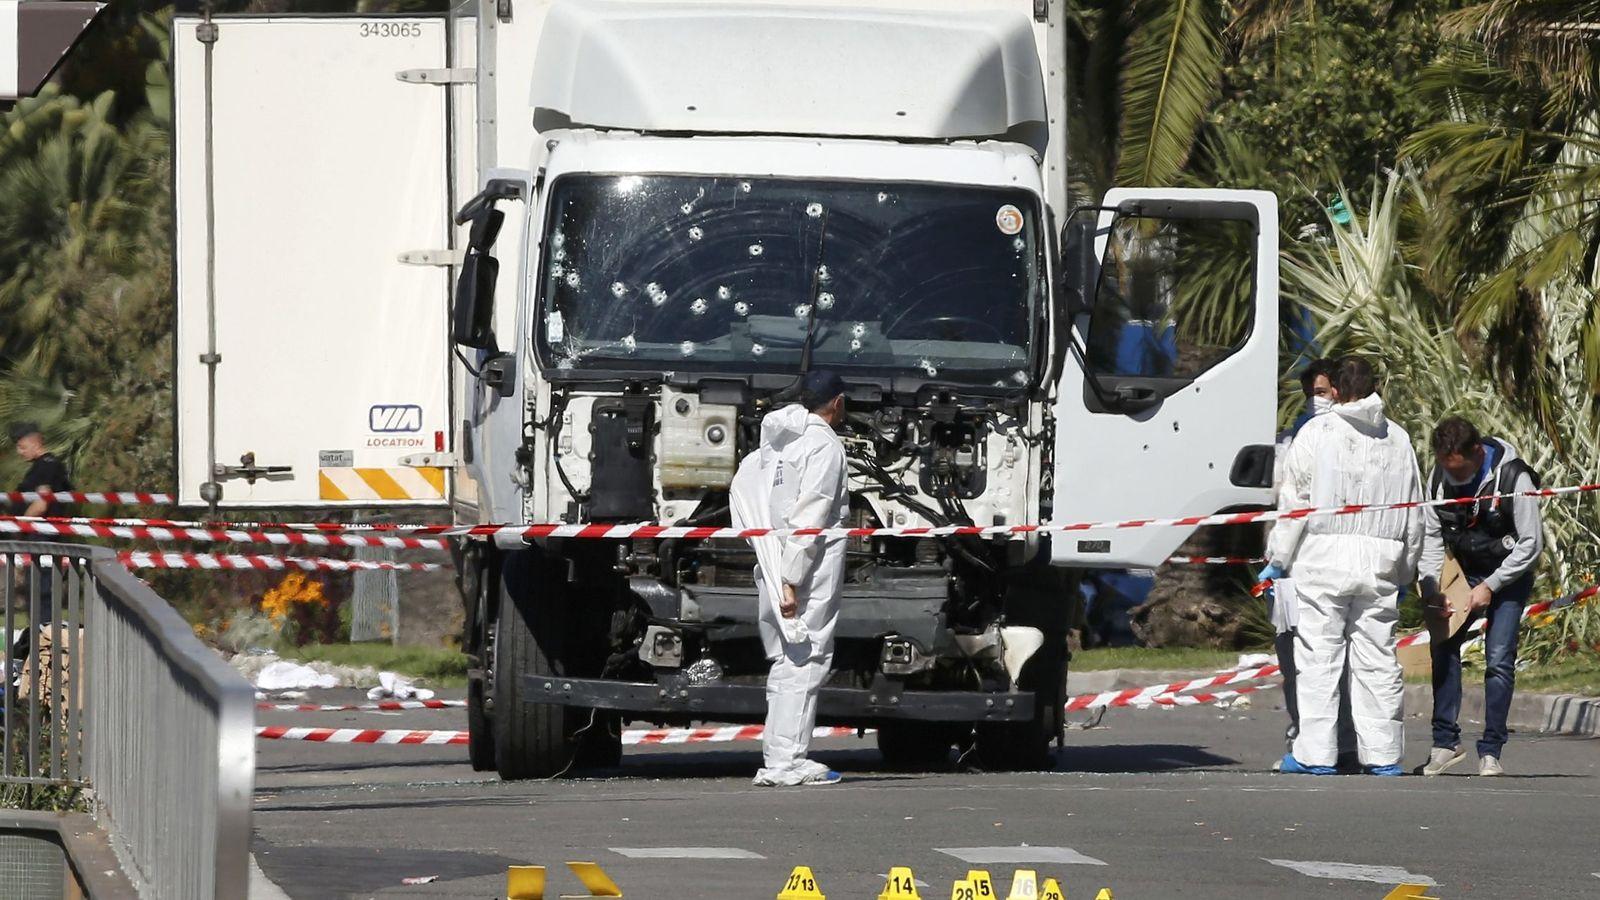 Foto: Investigadores examinan el camión utilizado en el atentado de Niza. (Reuters)